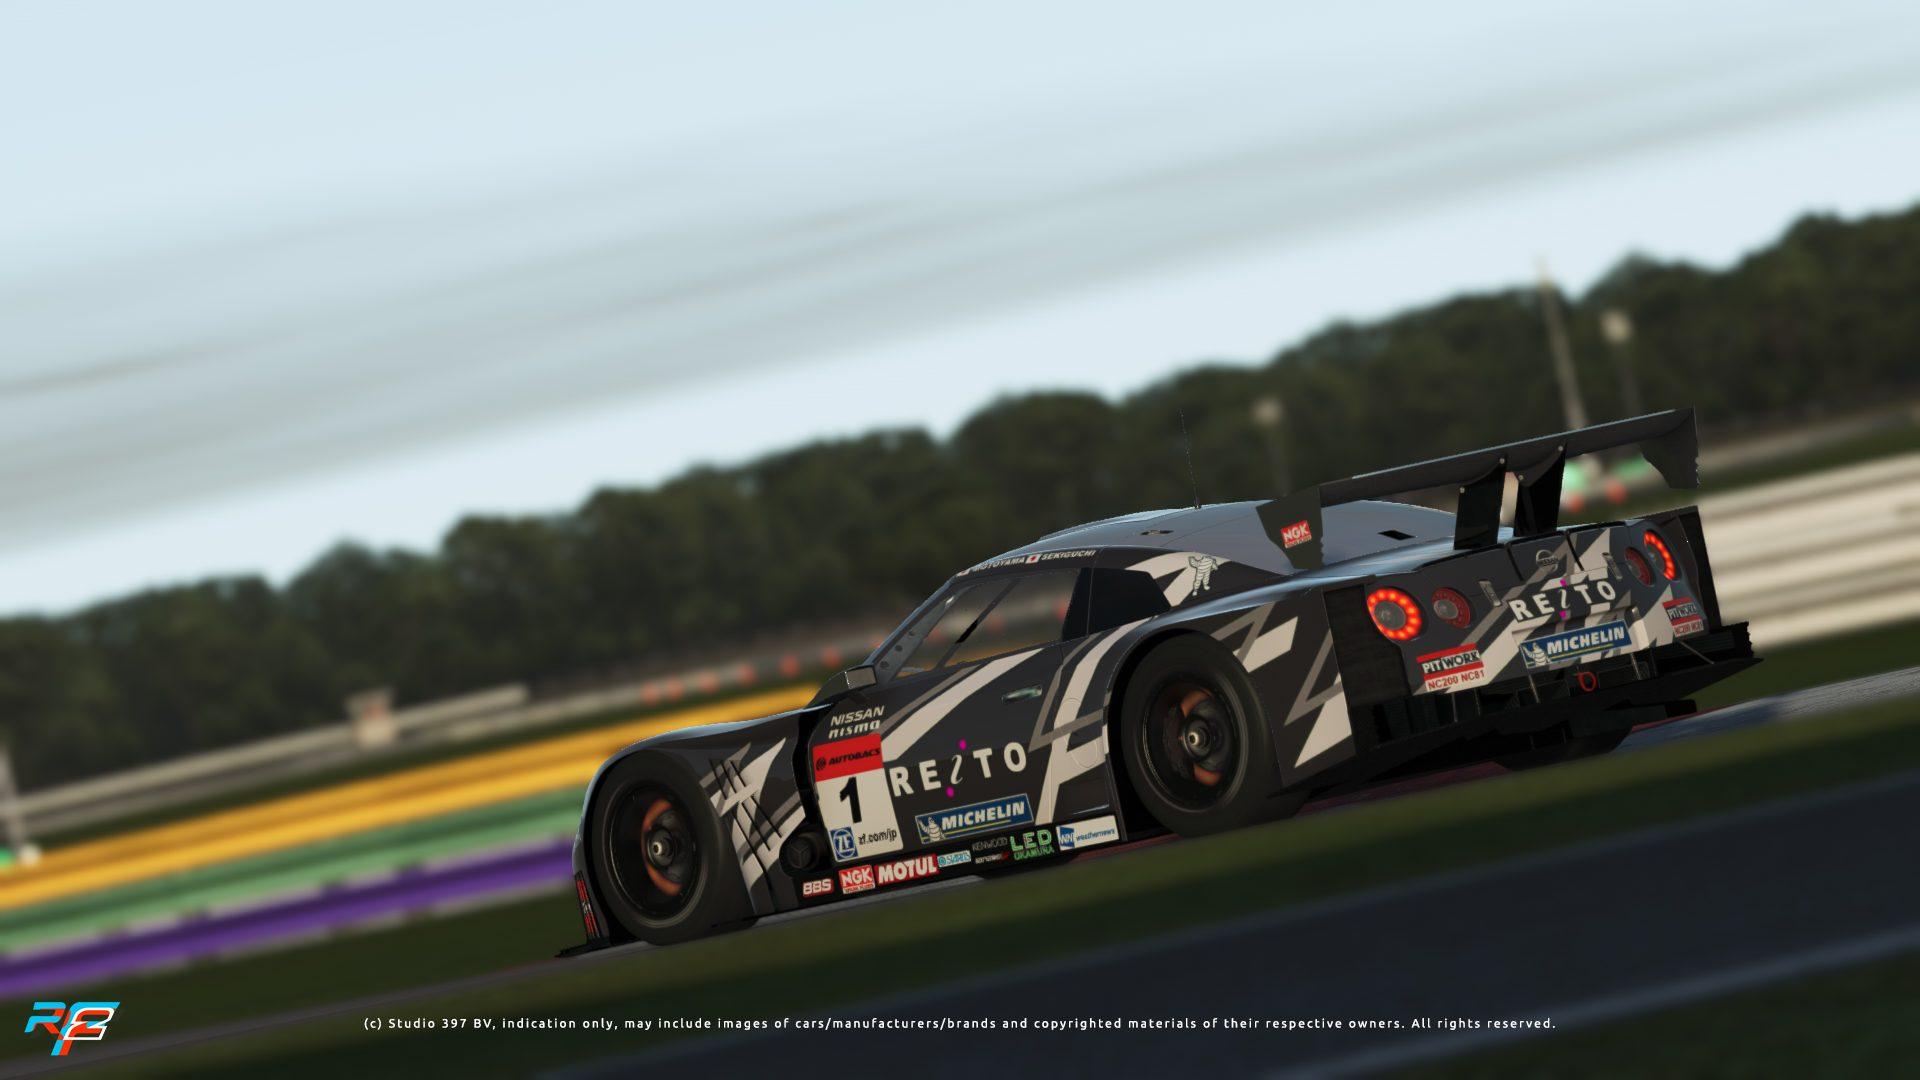 Nissan_GT500_04-1920x1080.jpg